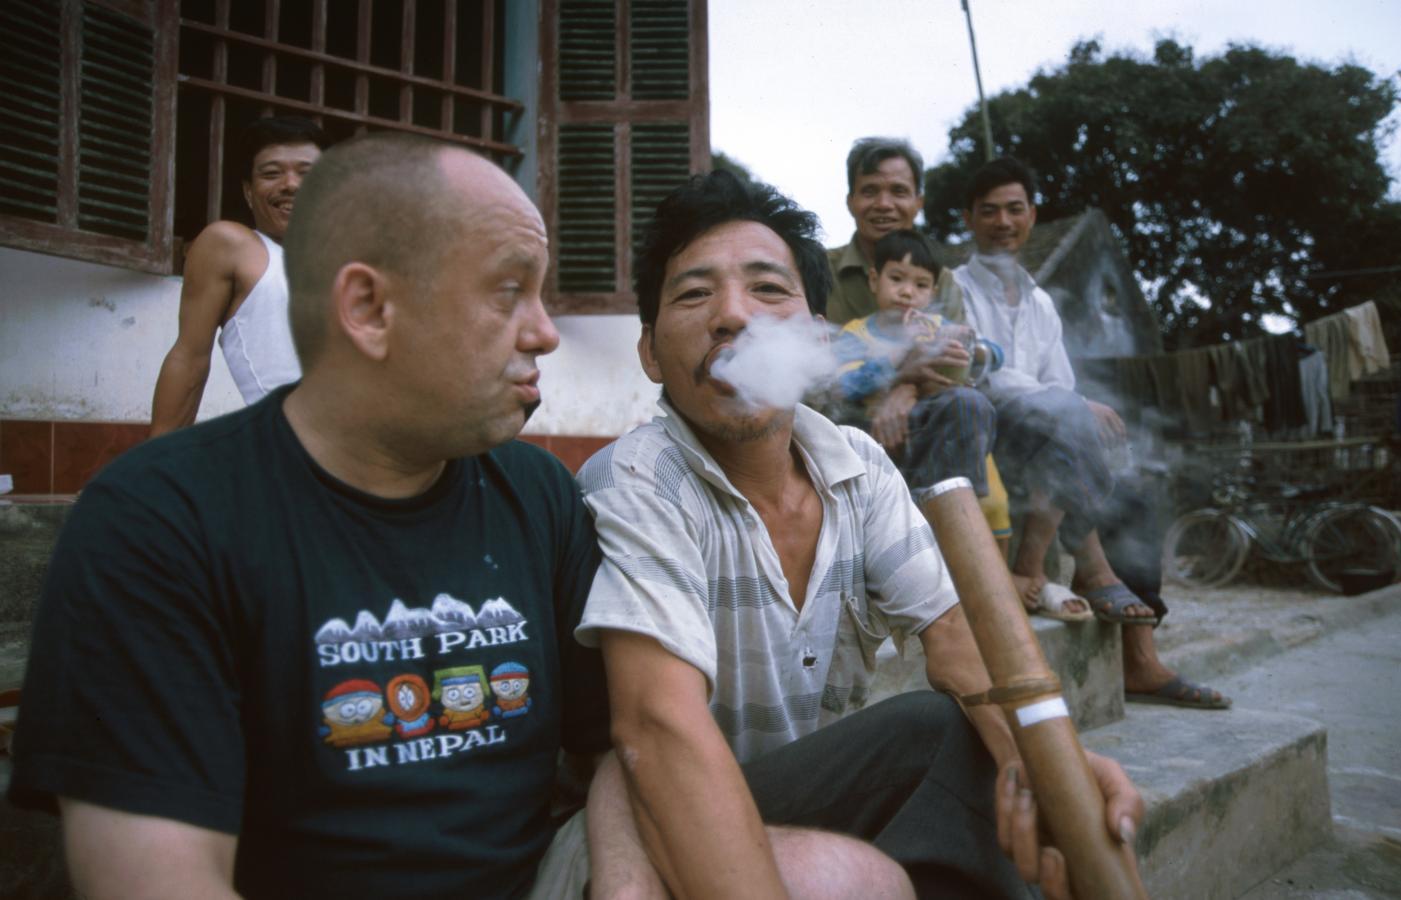 smoking-strong-tabacco-at-6-am-2